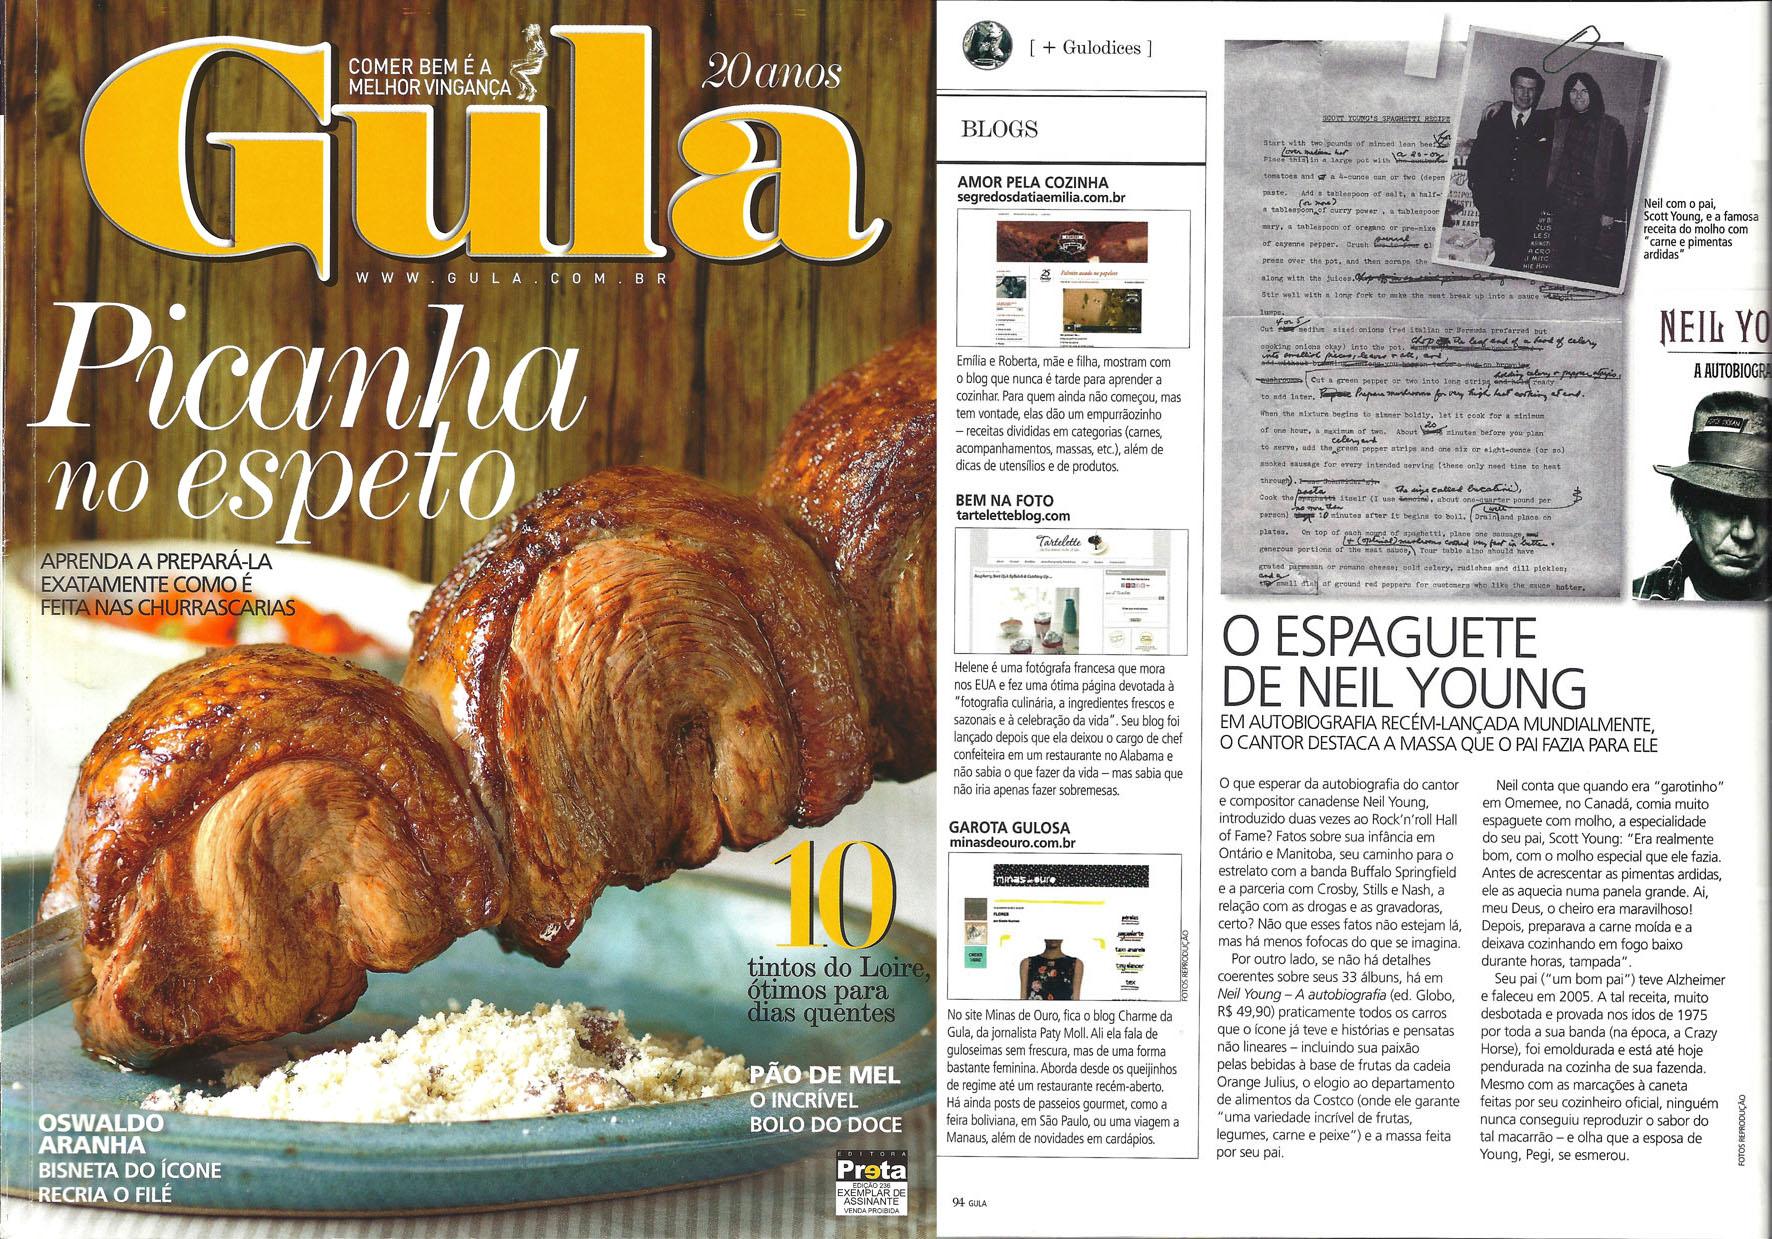 2012 - Revista Gula Edição 236_montagem_Capa_Pag